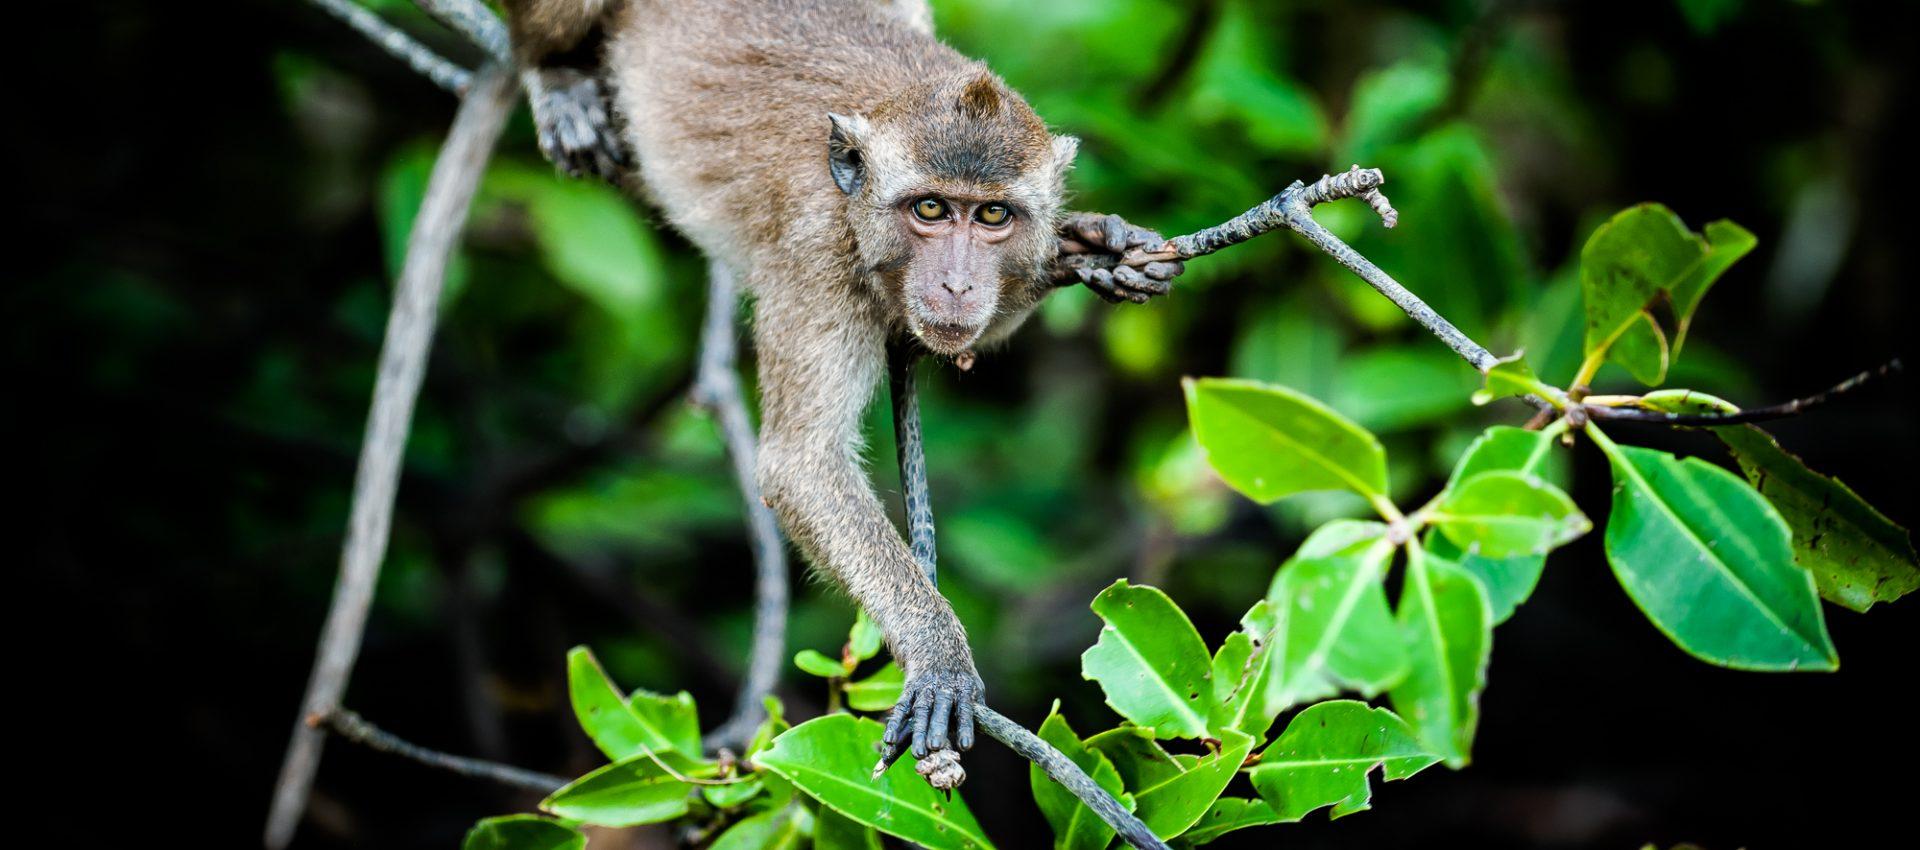 cropped-monkeys-1021.jpg